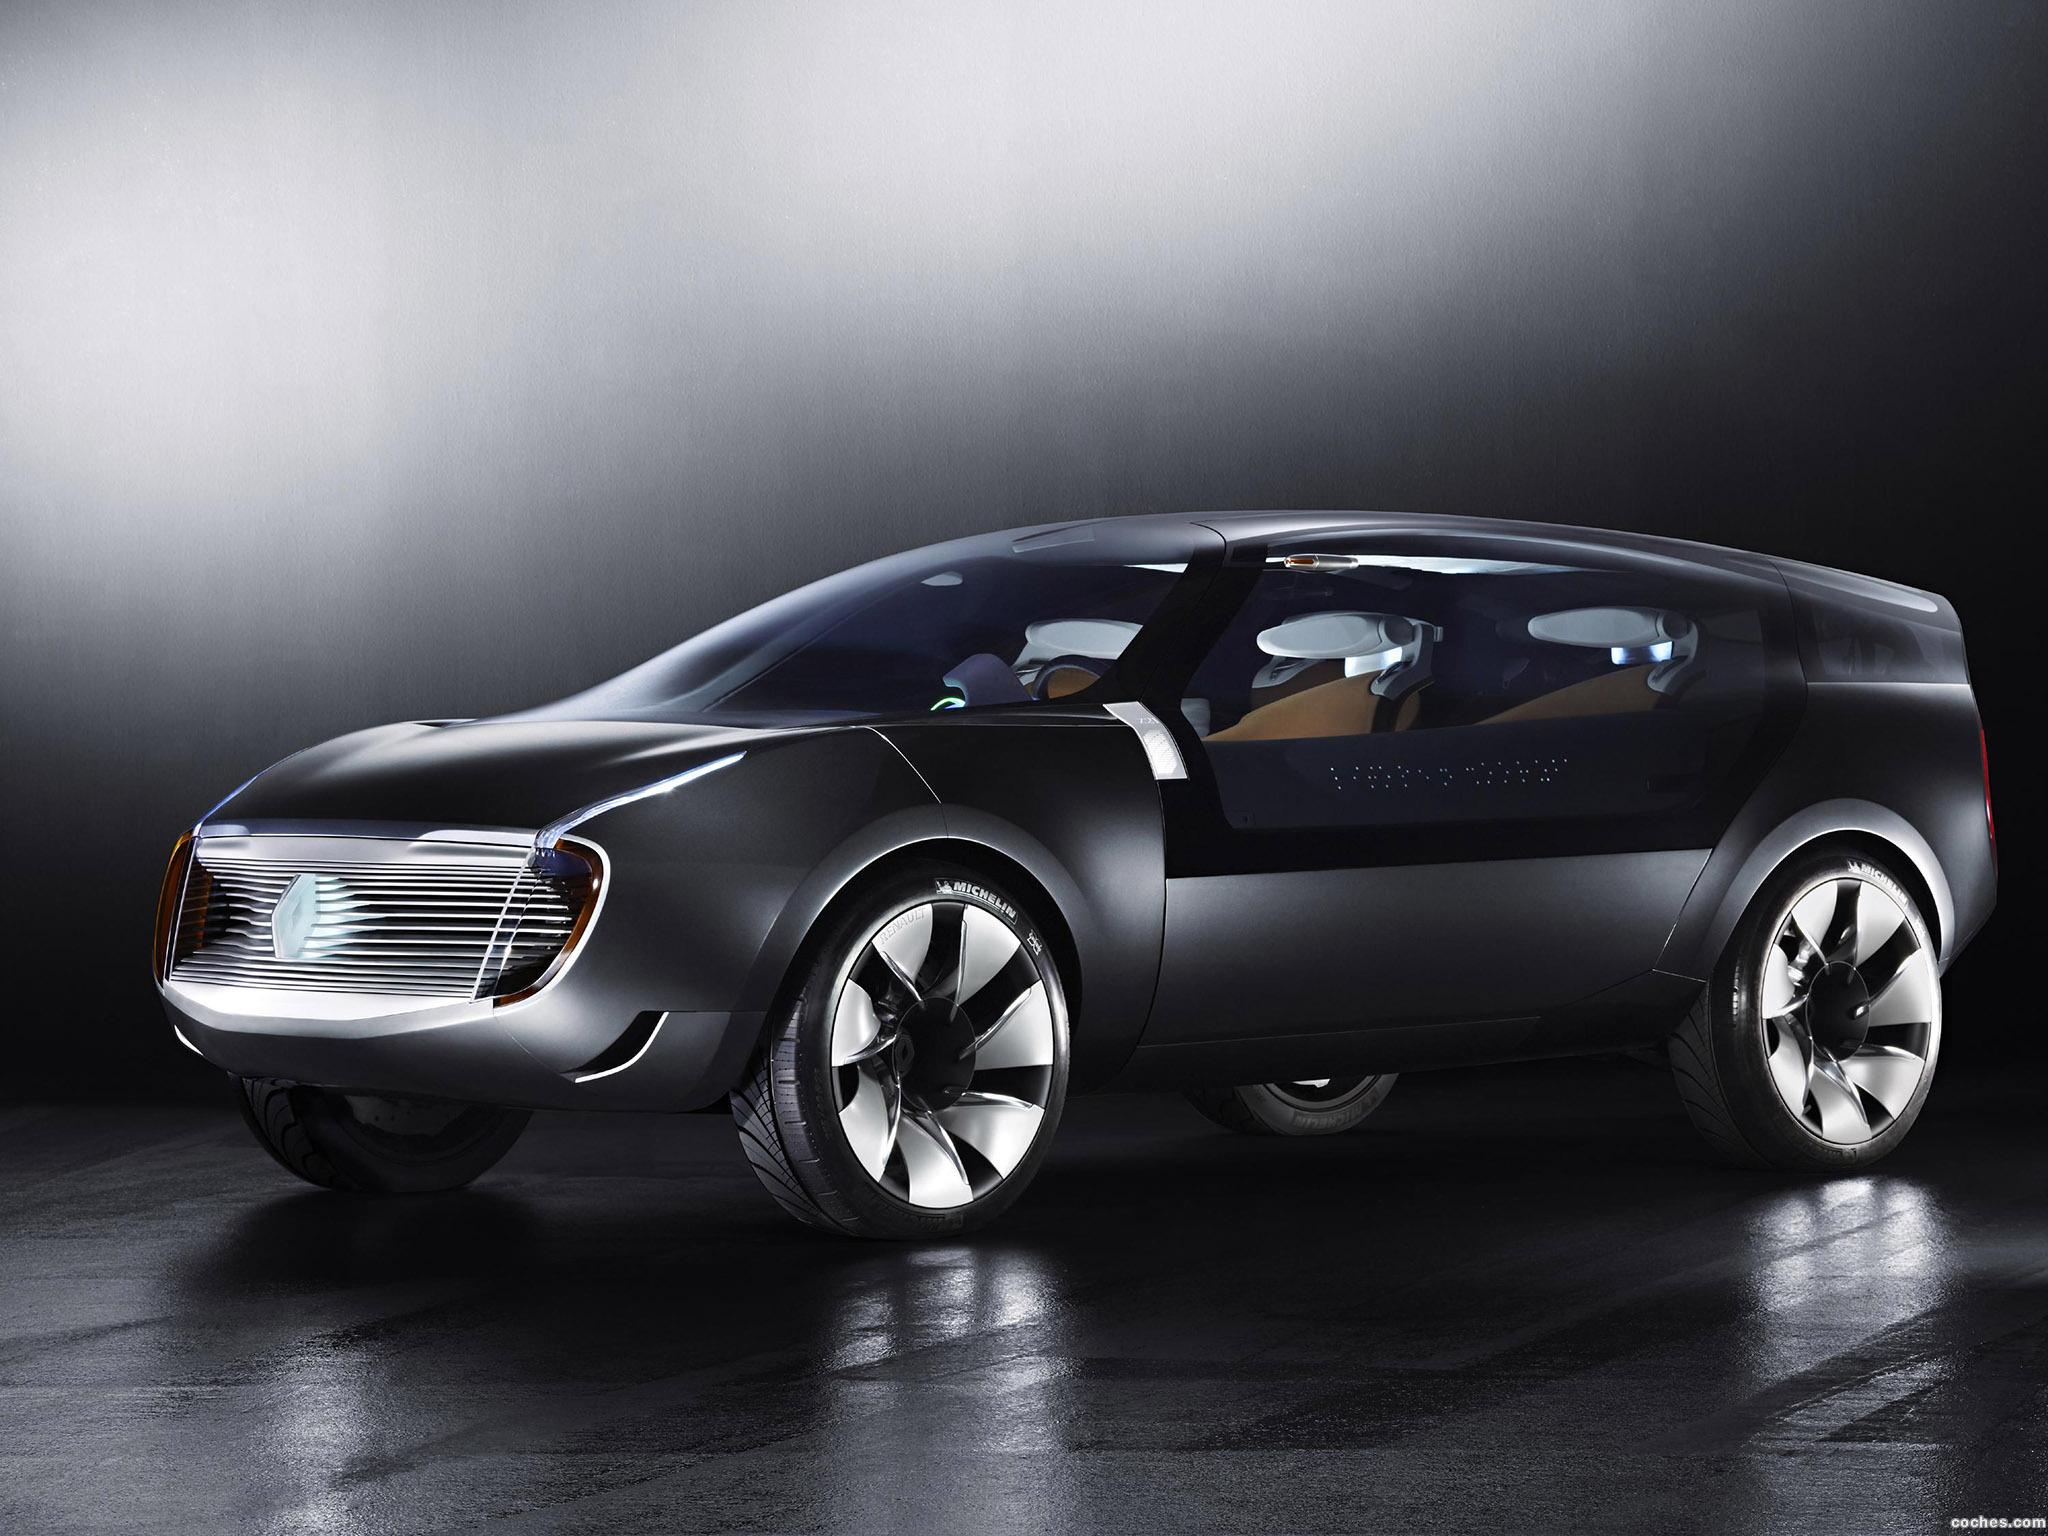 Foto 0 de Renault Ondelios Concept 2008